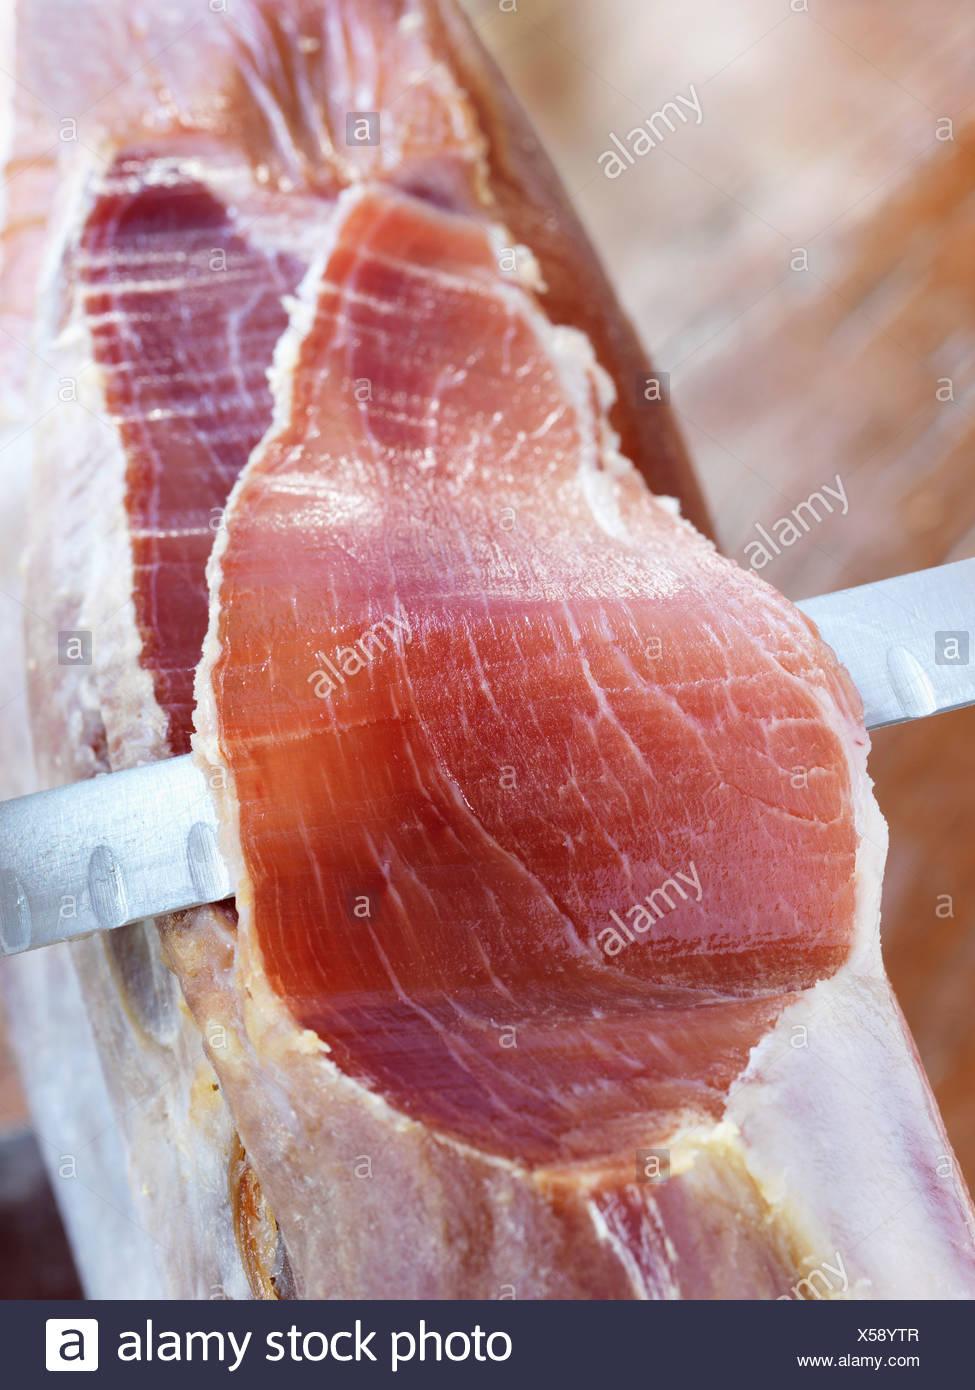 El tallado de un jamón Serrano Imagen De Stock